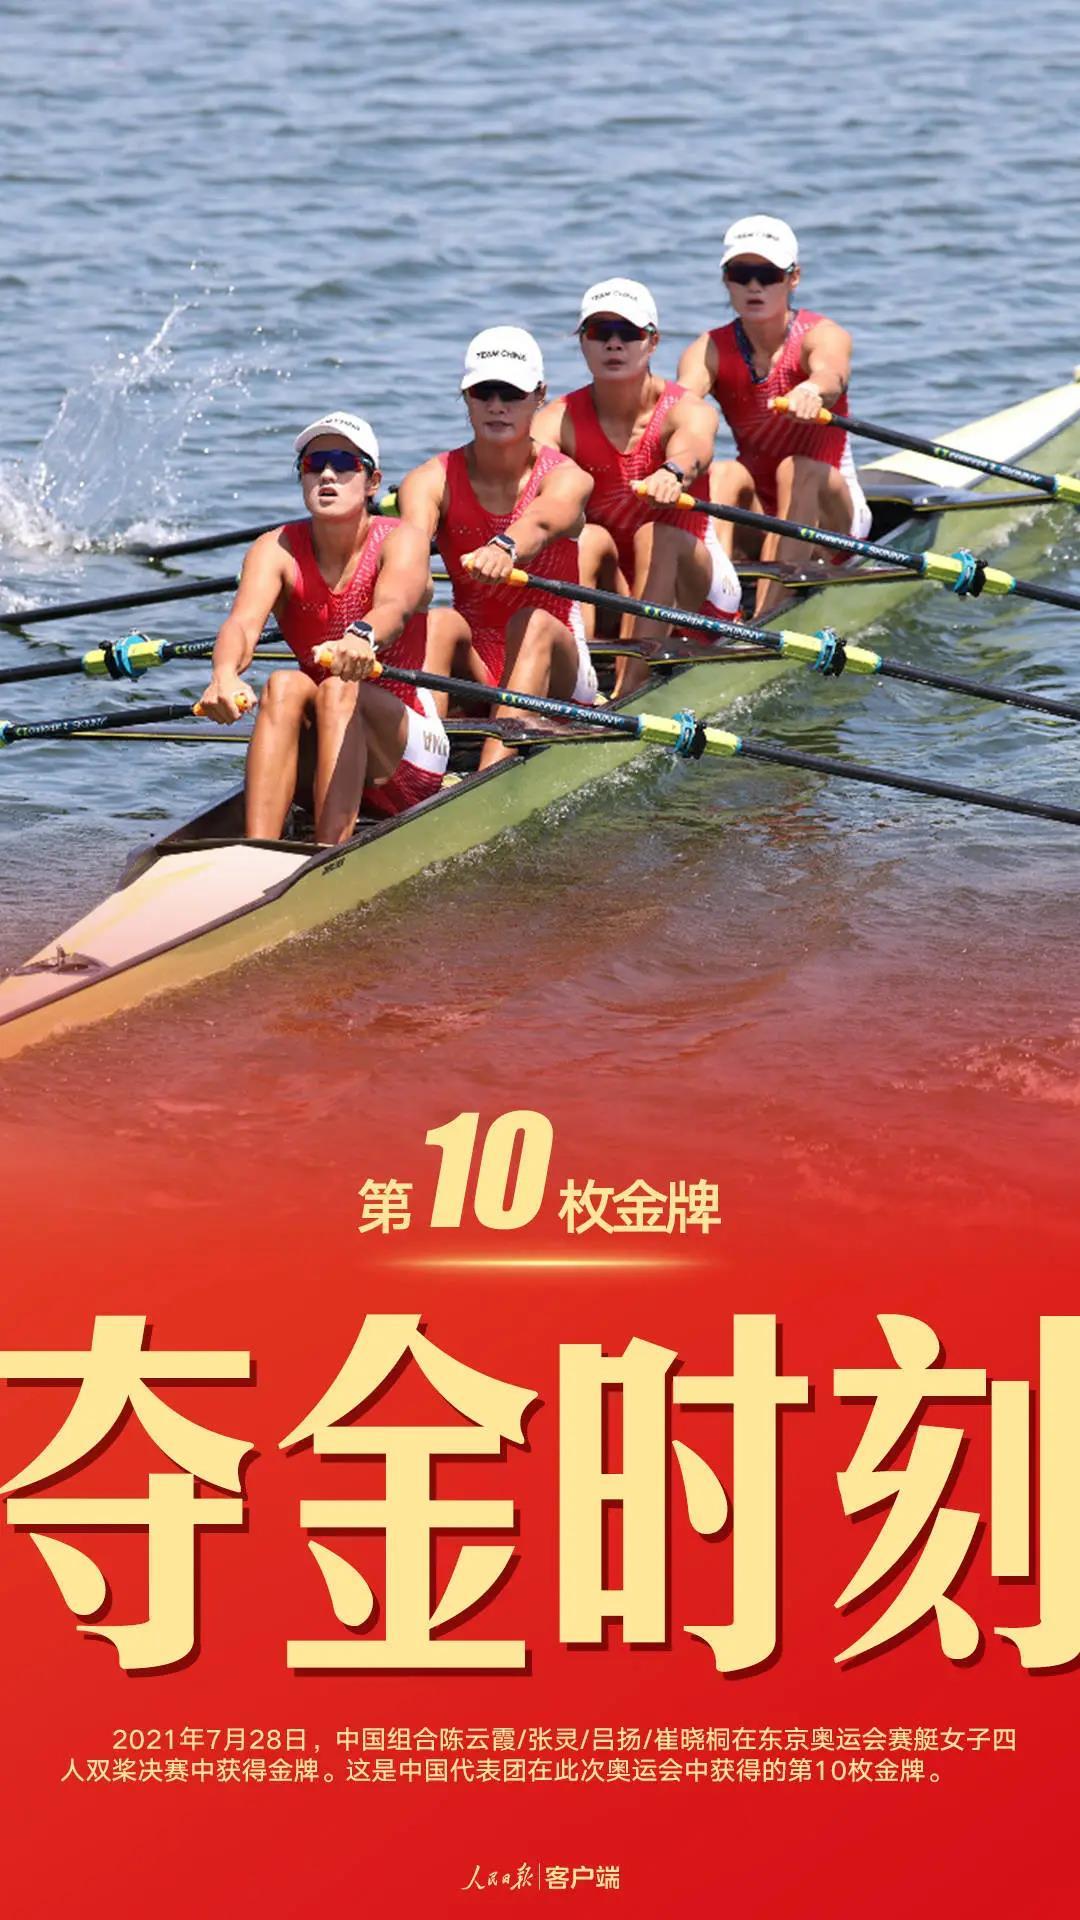 """第10金!中国""""艇""""牛!"""